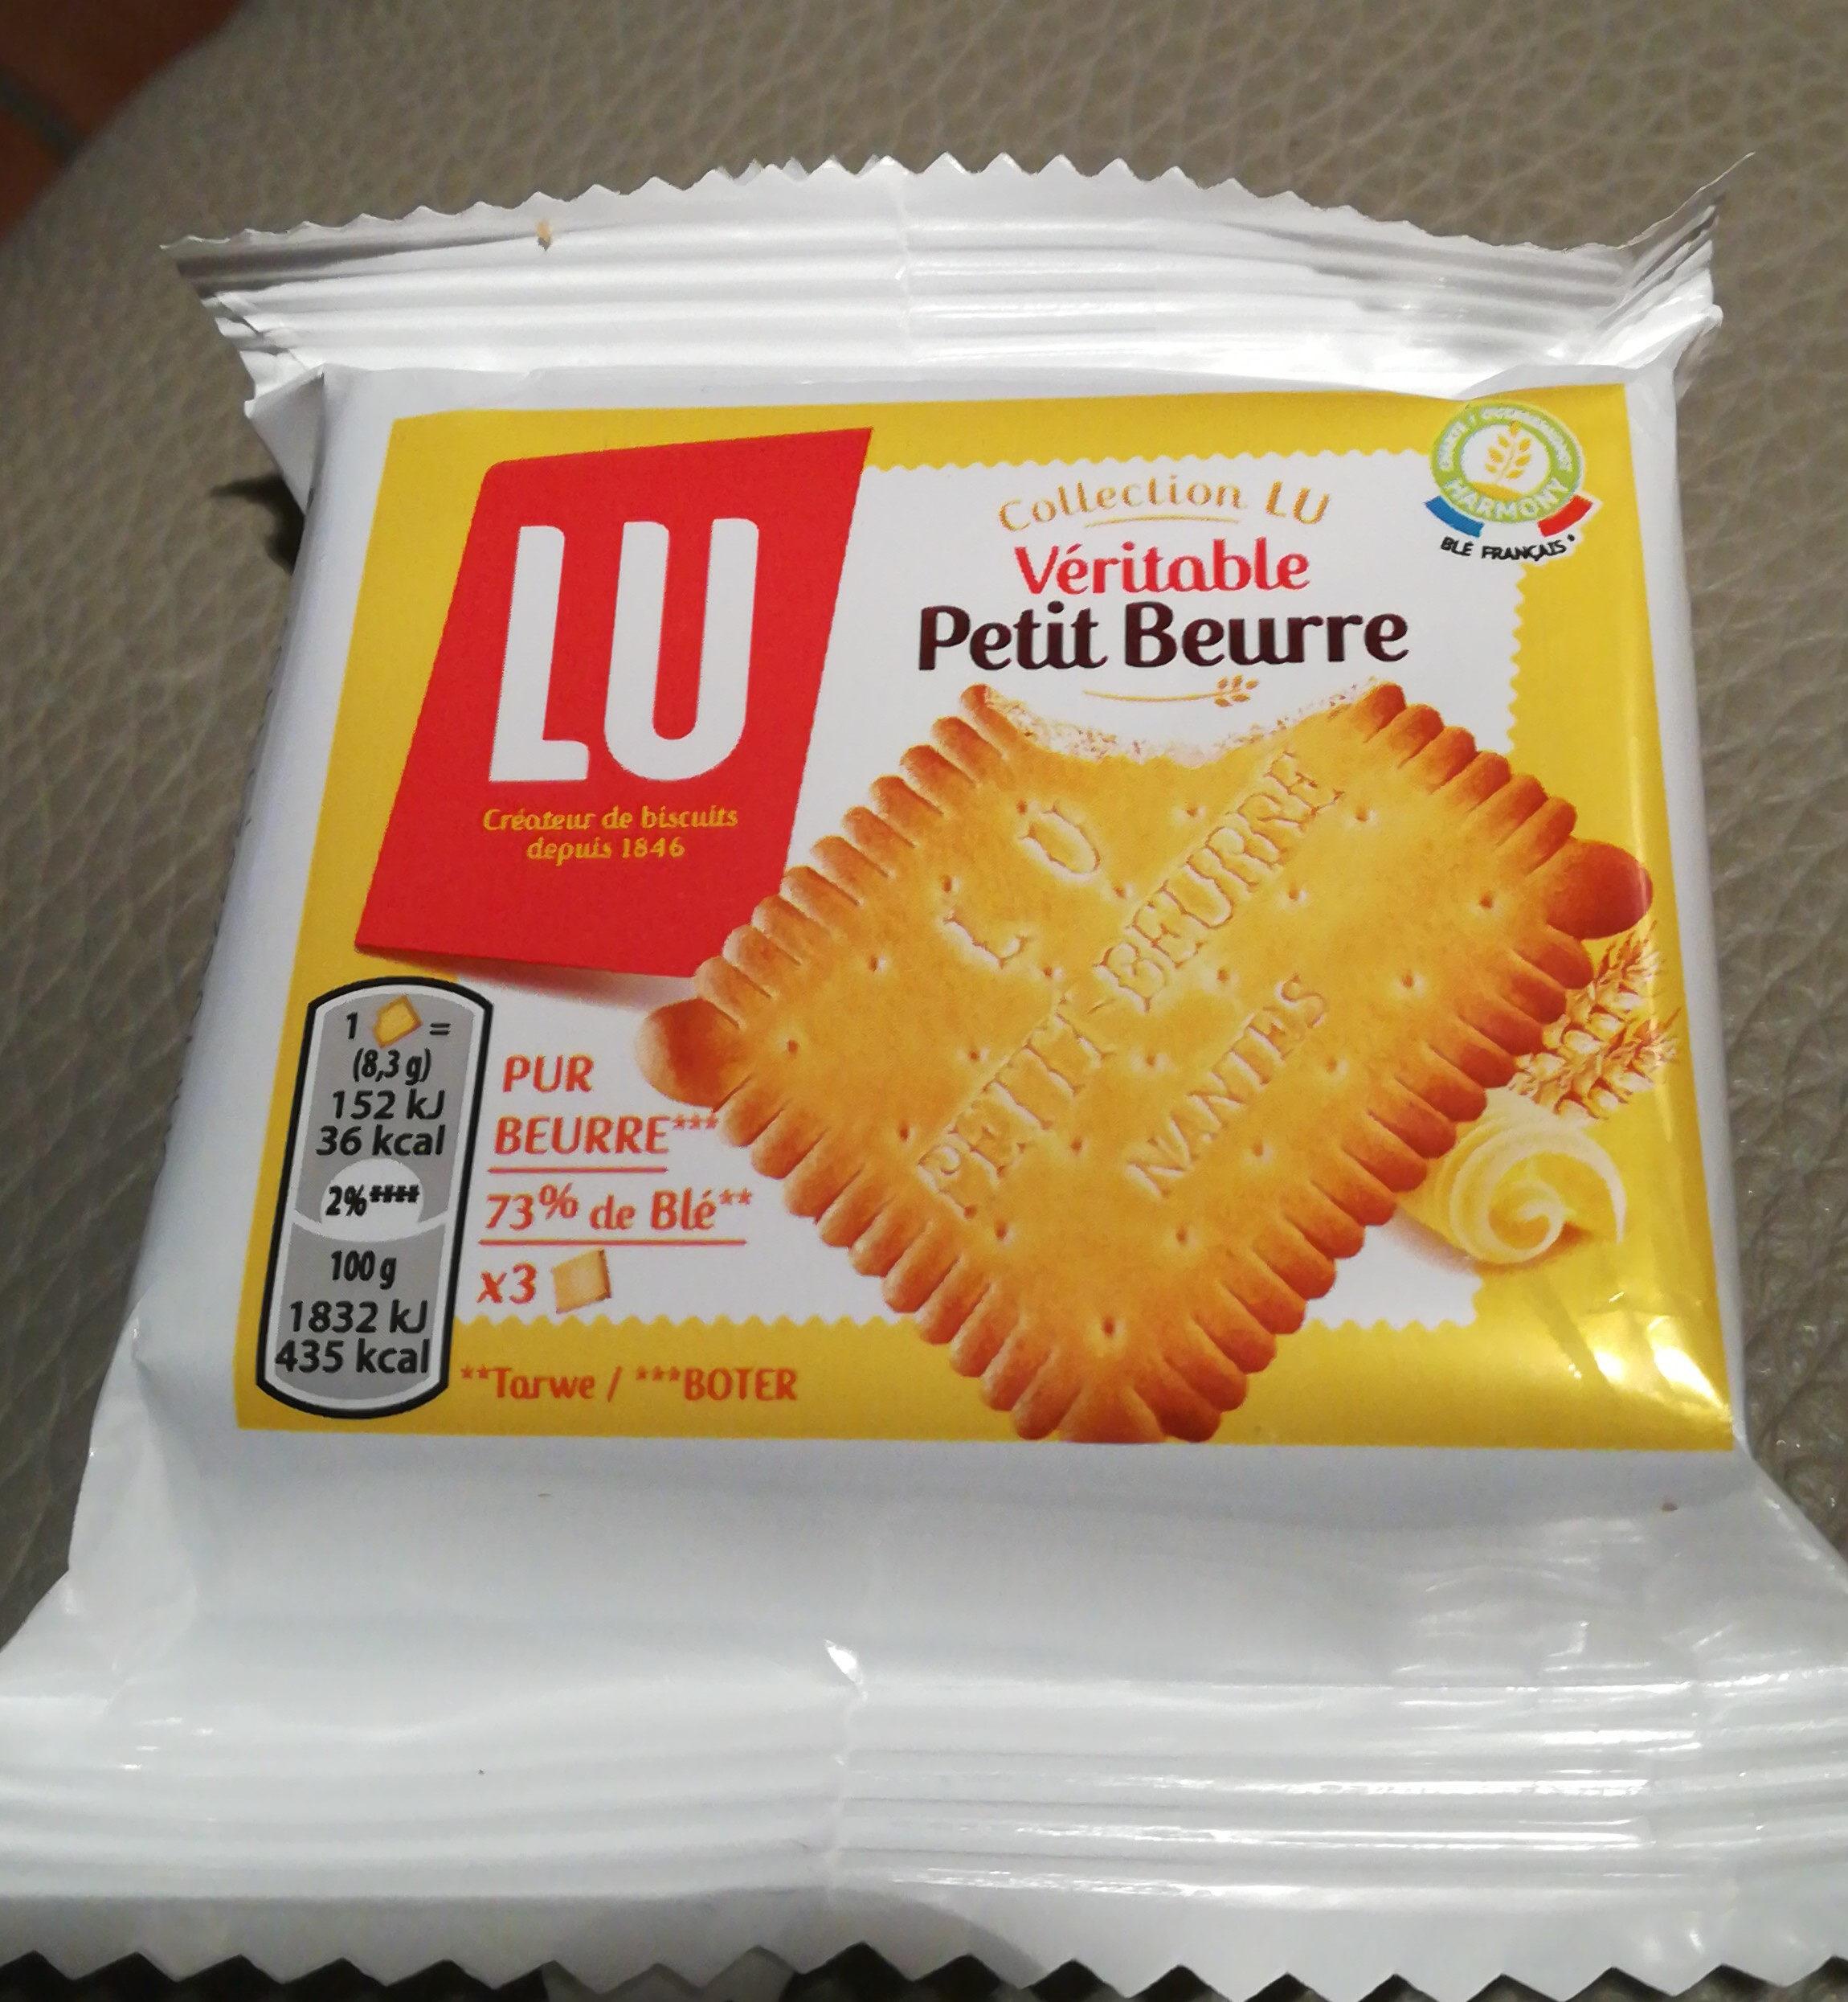 Véritable Petit Beurre - Product - fr